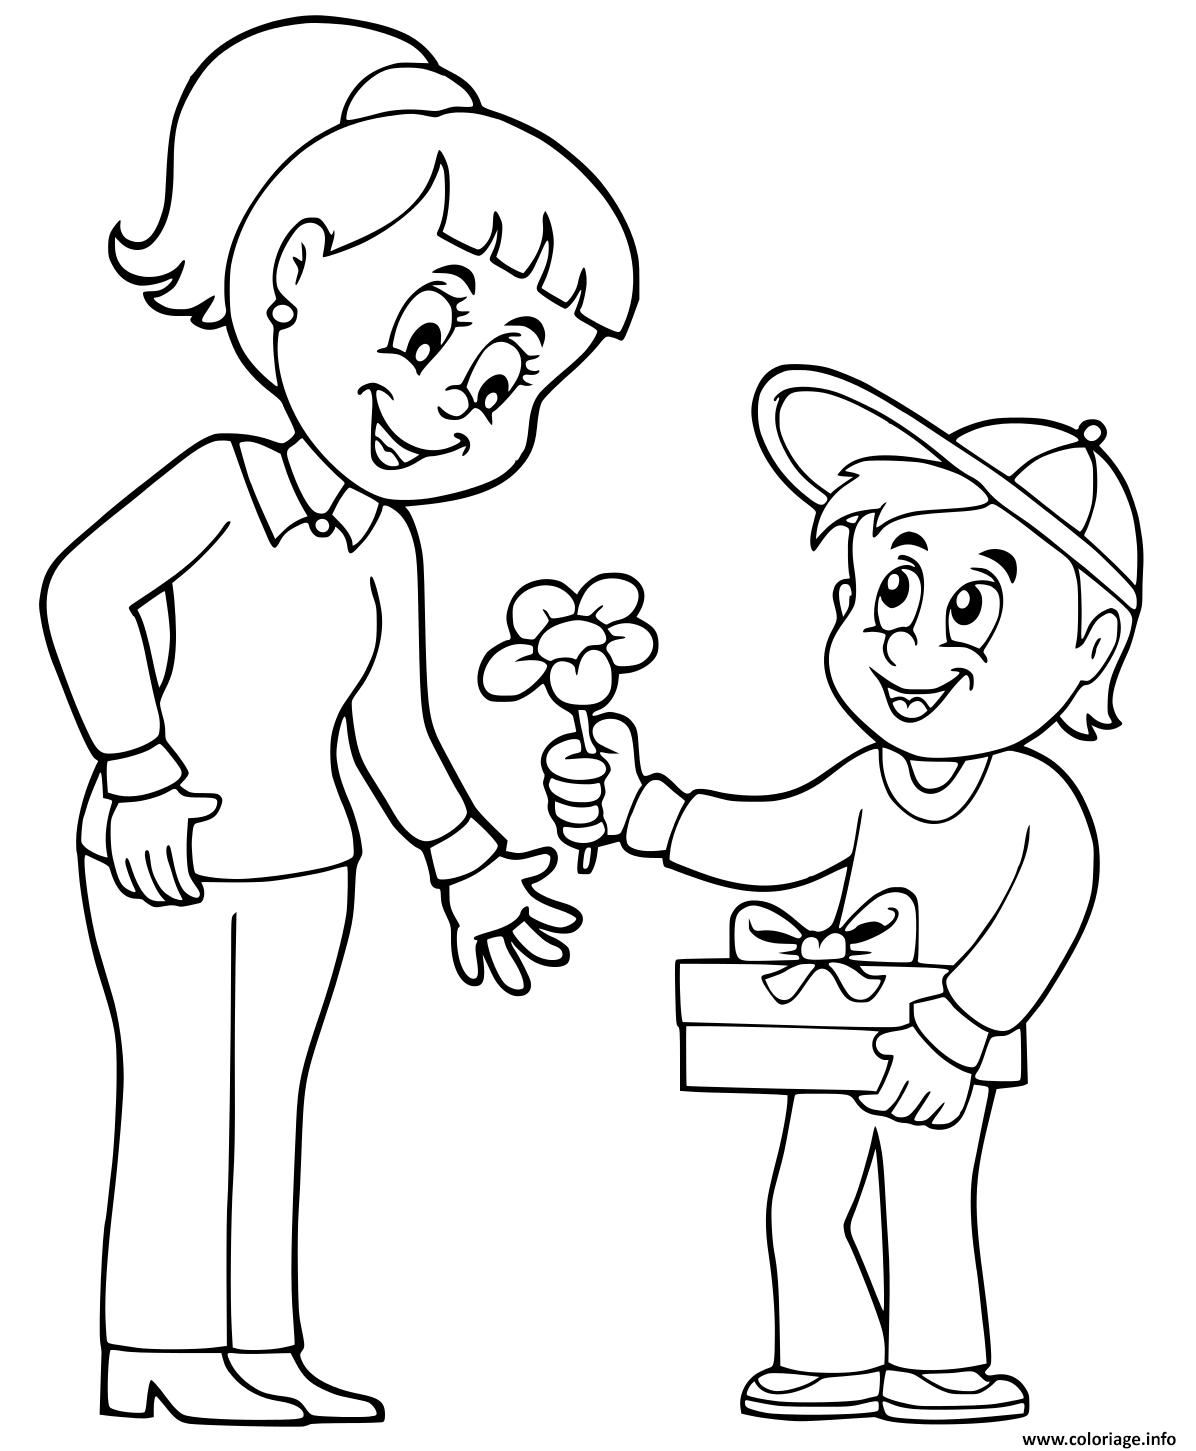 Dessin fete des meres garcon offre des fleurs Coloriage Gratuit à Imprimer